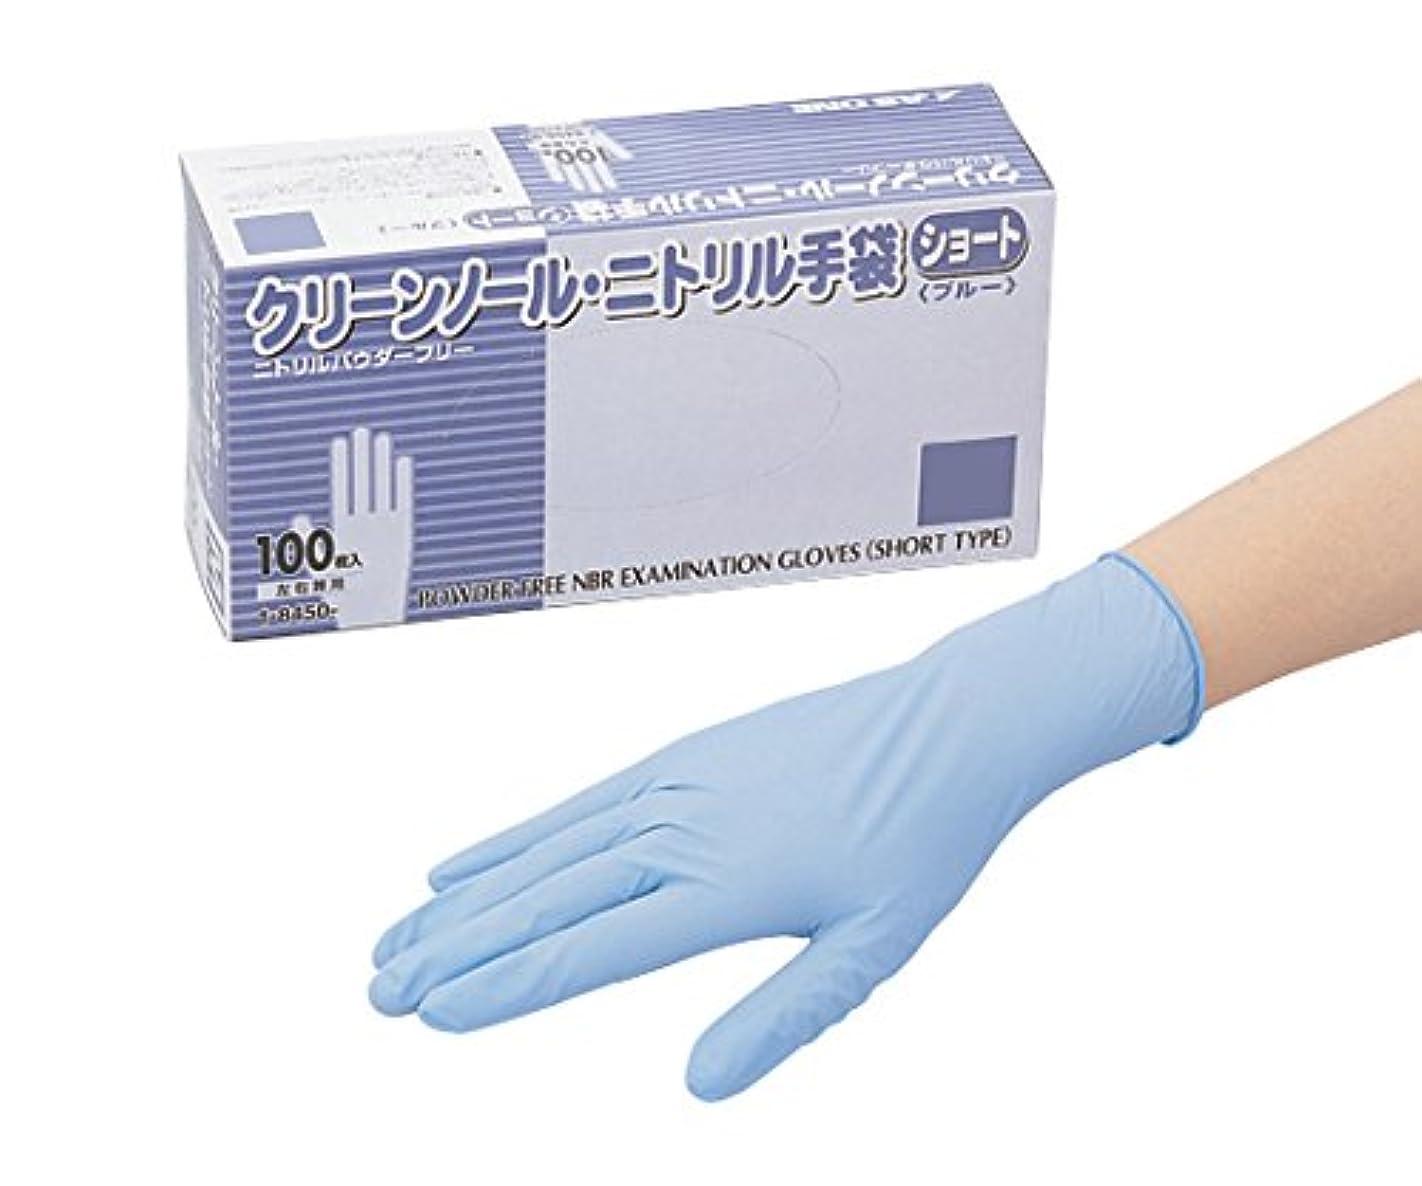 担保一杯うつアズワン1-8450-21クリーンノールニトリル手袋ショート(パウダーフリ-)ブルーL100枚入